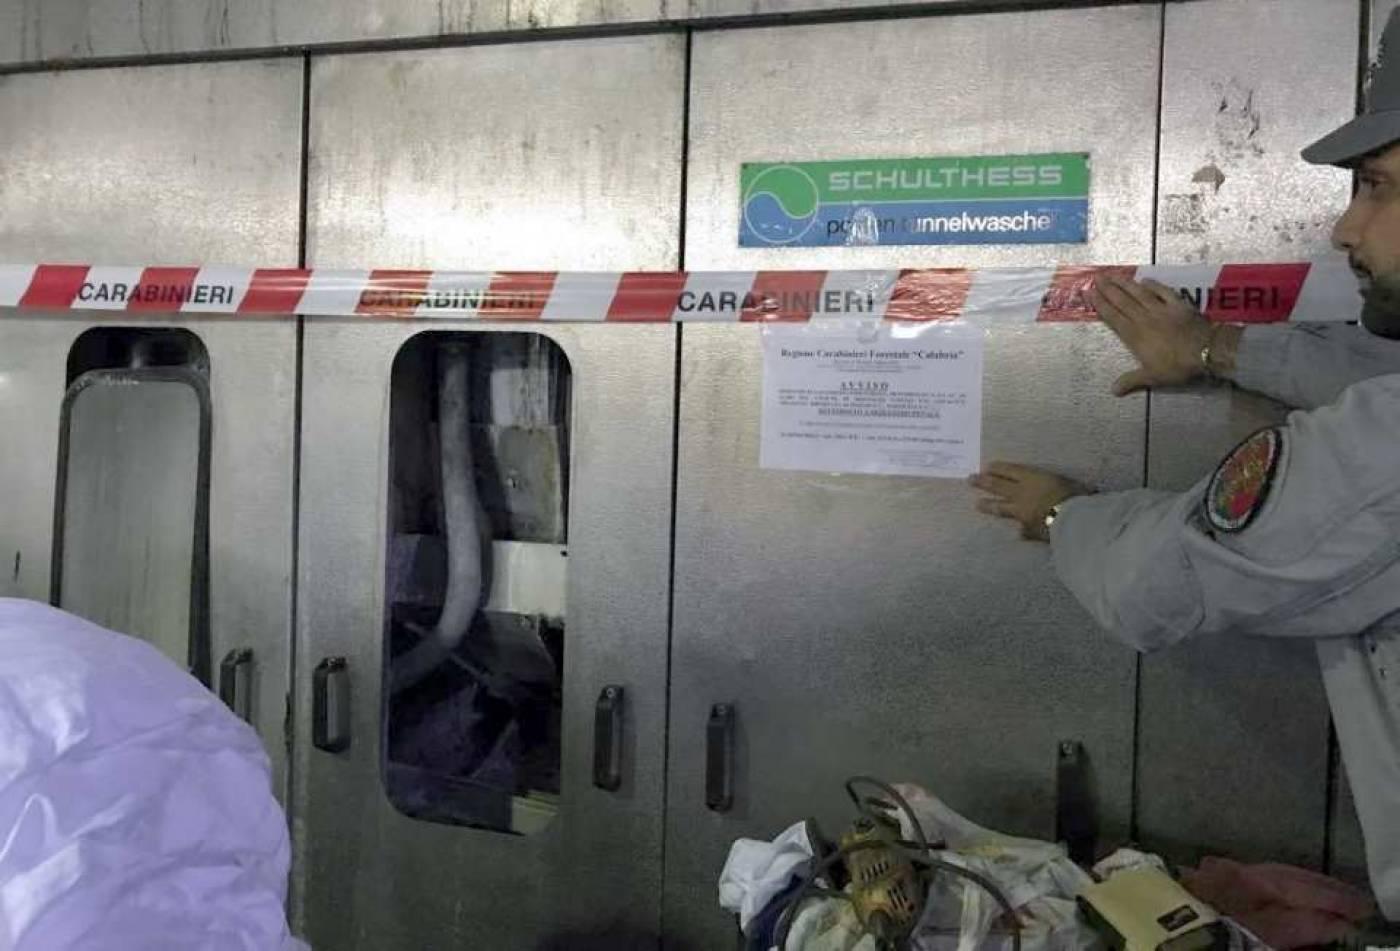 Sequestrate due lavatrici in lavanderia per assenza di autorizzazioni allo scarico